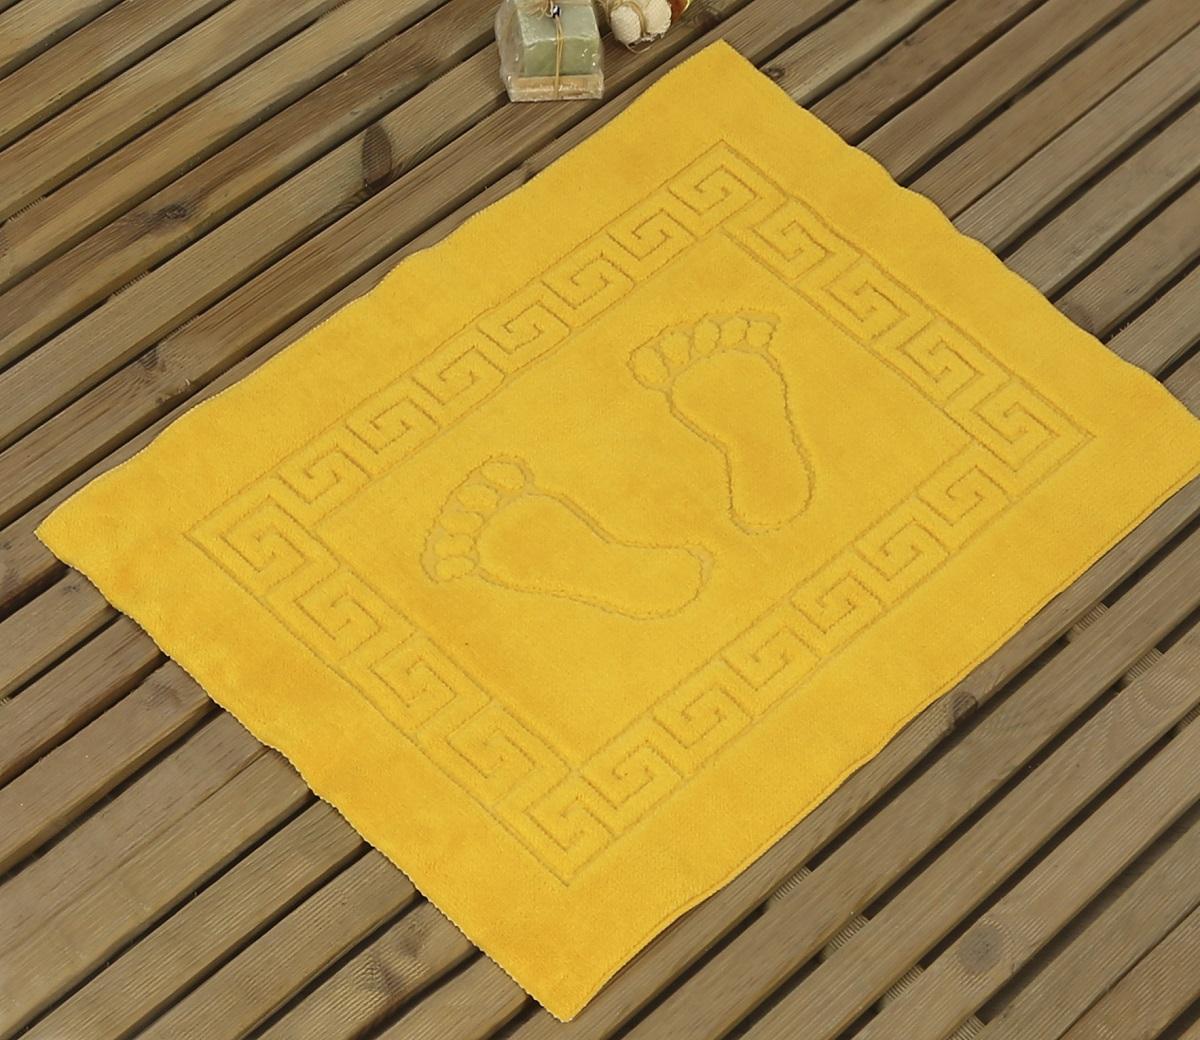 Коврик для ванной Karna Likya, цвет: желтый, 50 х 70 см391602Коврик печатный Karna сделан из 100% полиэстера. Полиэстер является синтетическим волокном. Ткань, полностью изготовленная из полиэстера, даже после увлажнения, очень быстро сохнет. Коврик из полиэстера практически не требователен к уходу и обладает высокой устойчивостью к износу.Коврик из полиэстера не мнётся и легко стирается, после стирки очень быстро высыхает. Материал очень прочный, за время использования не растягивается и не садится. А так же обладает высокой влагонепроницаемостью.Размер: 50 х 70 см.